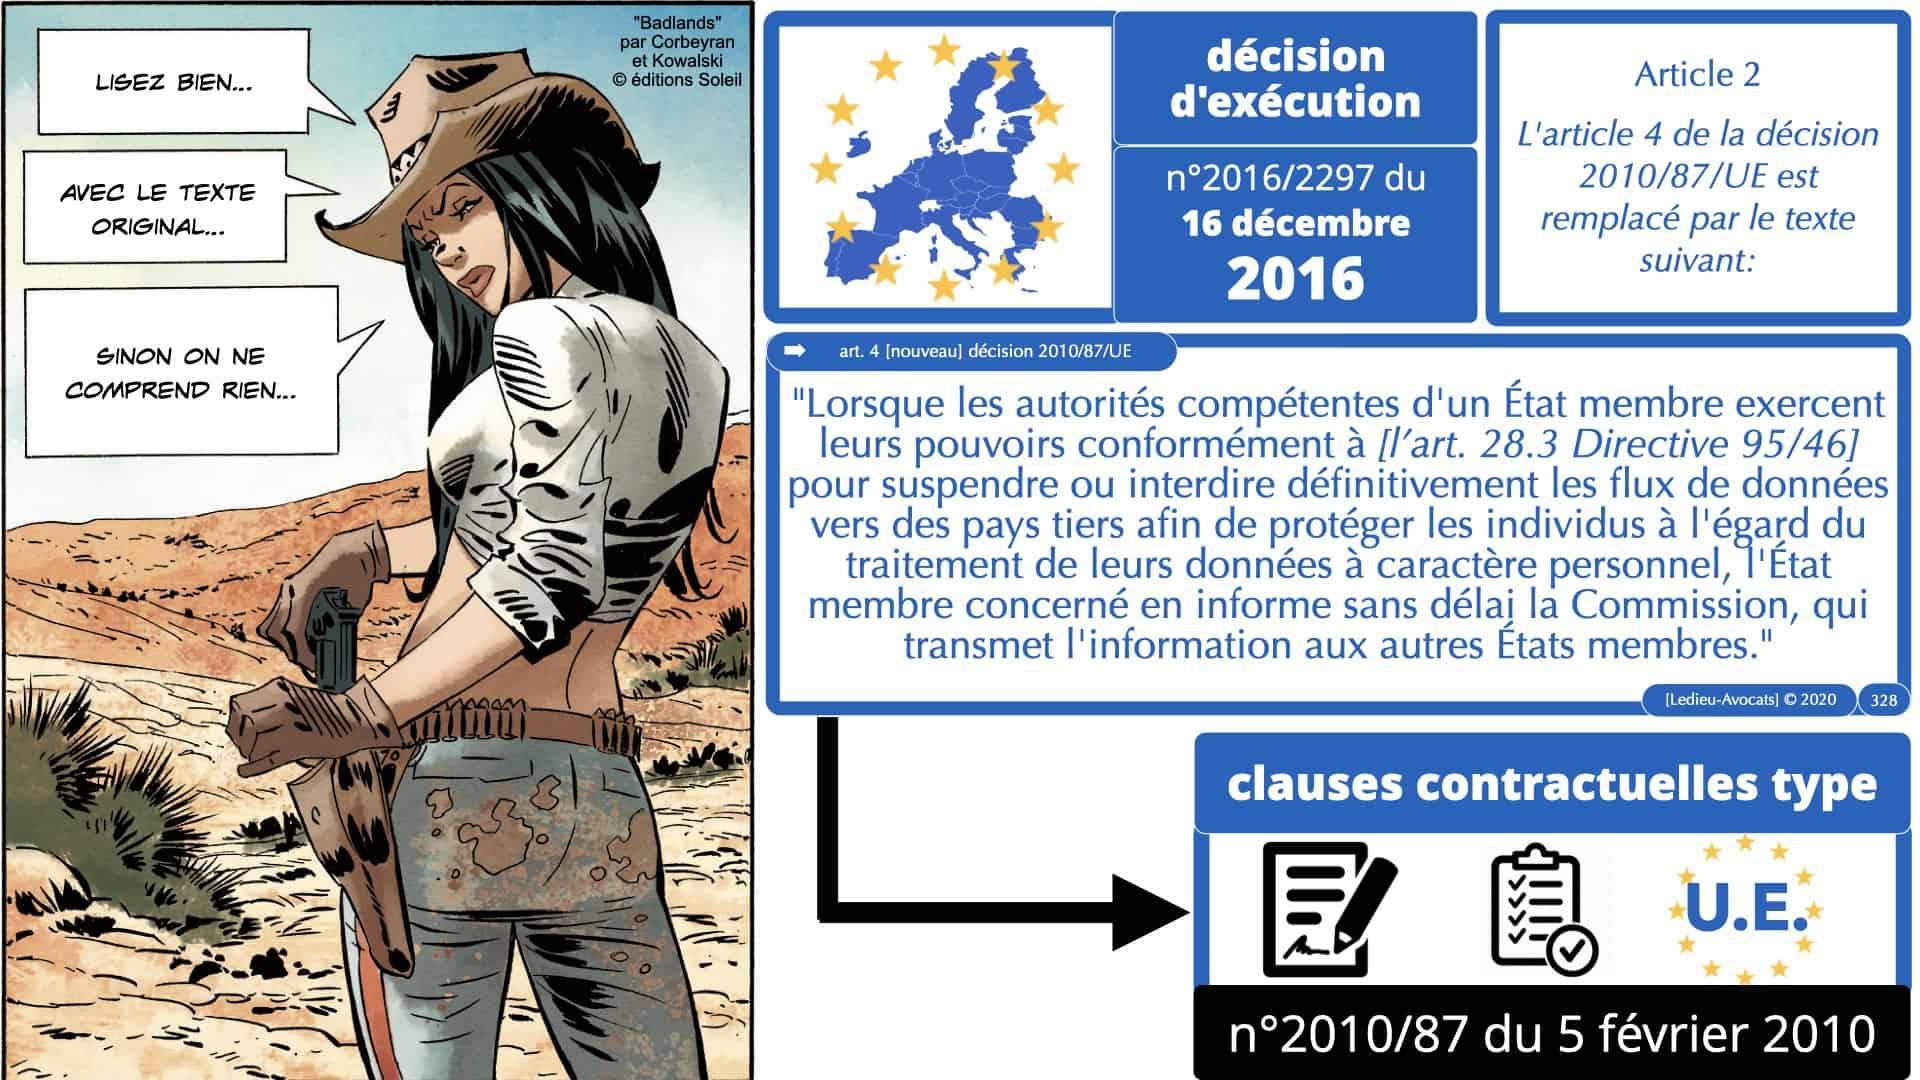 RGPD e-Privacy données personnelles jurisprudence formation Lamy Les Echos 10-02-2021 ©Ledieu-Avocats.328